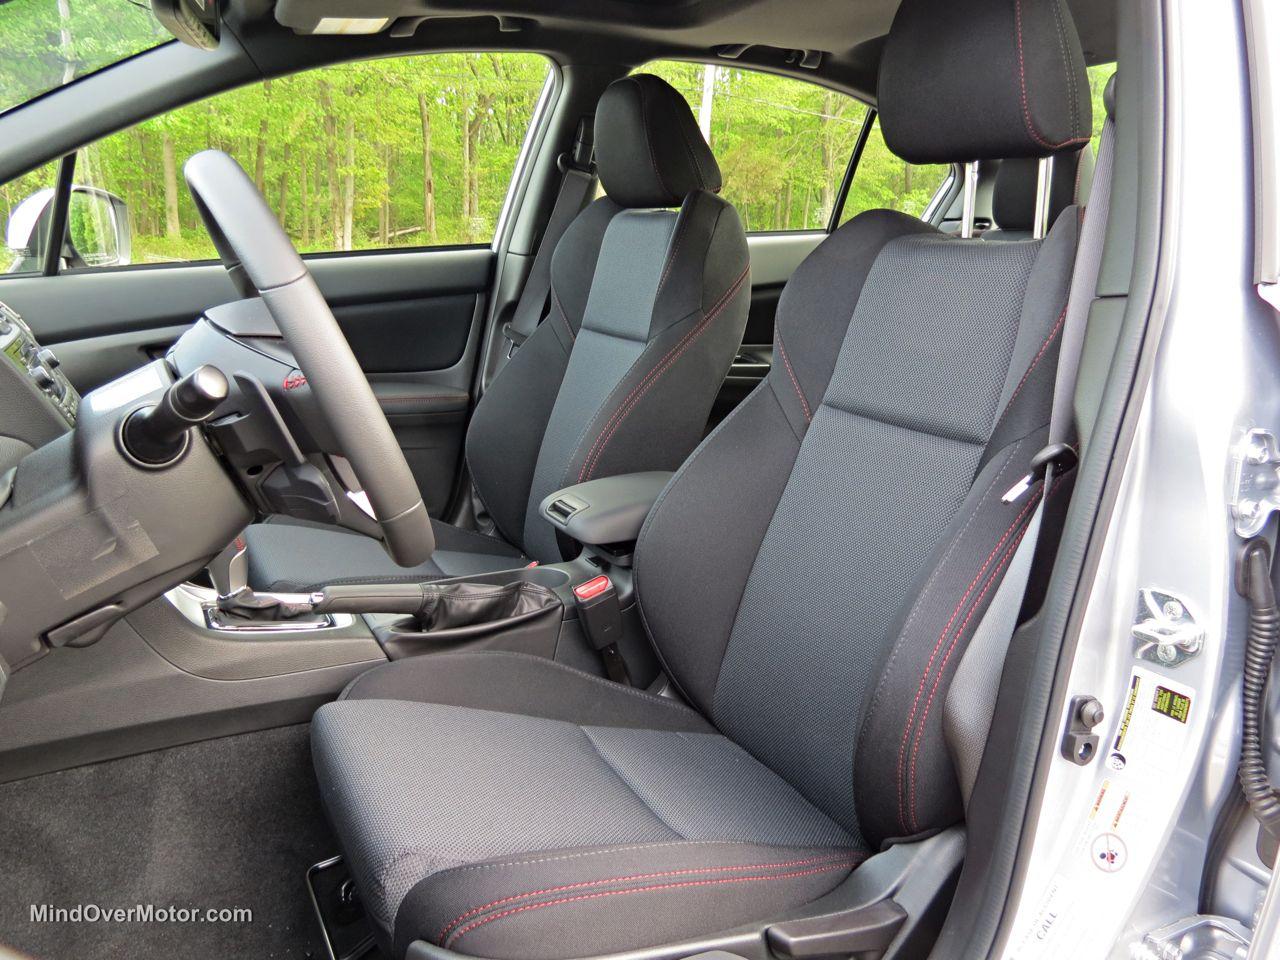 2015 Subaru WRX Front Seats